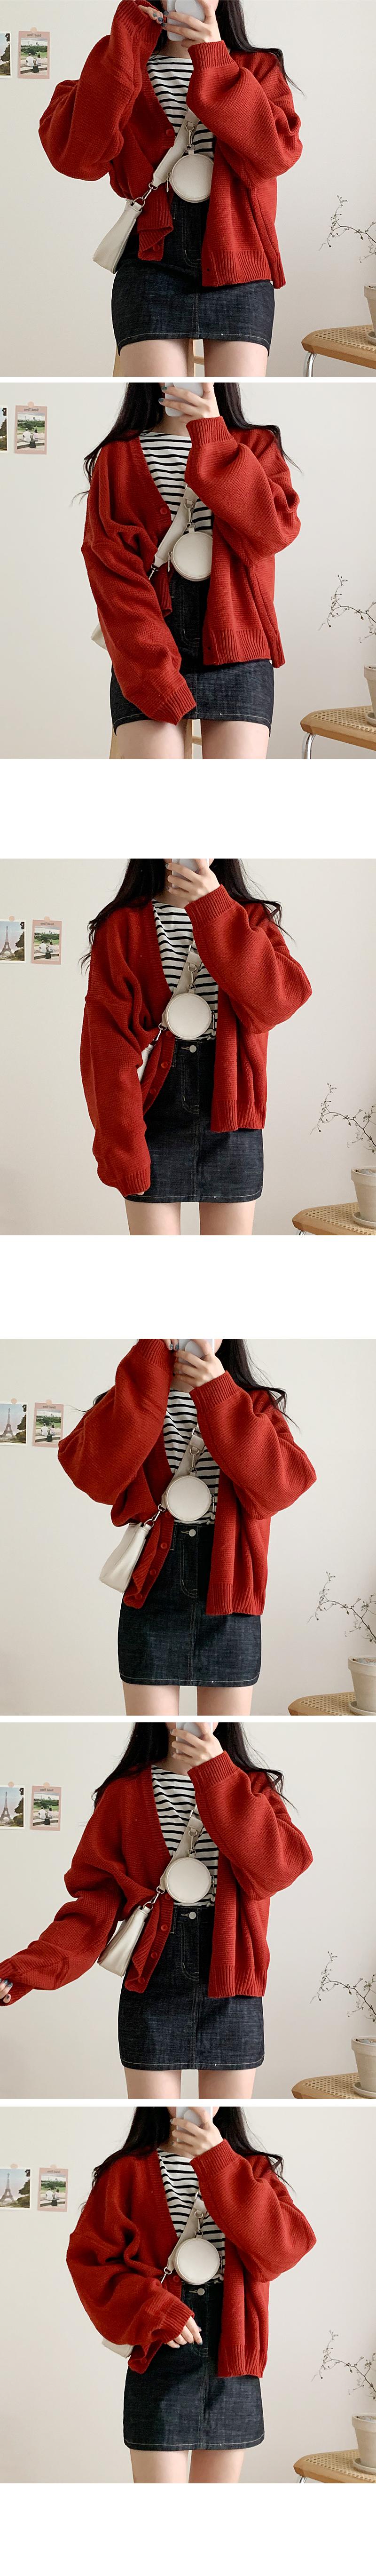 Raw mini skirt